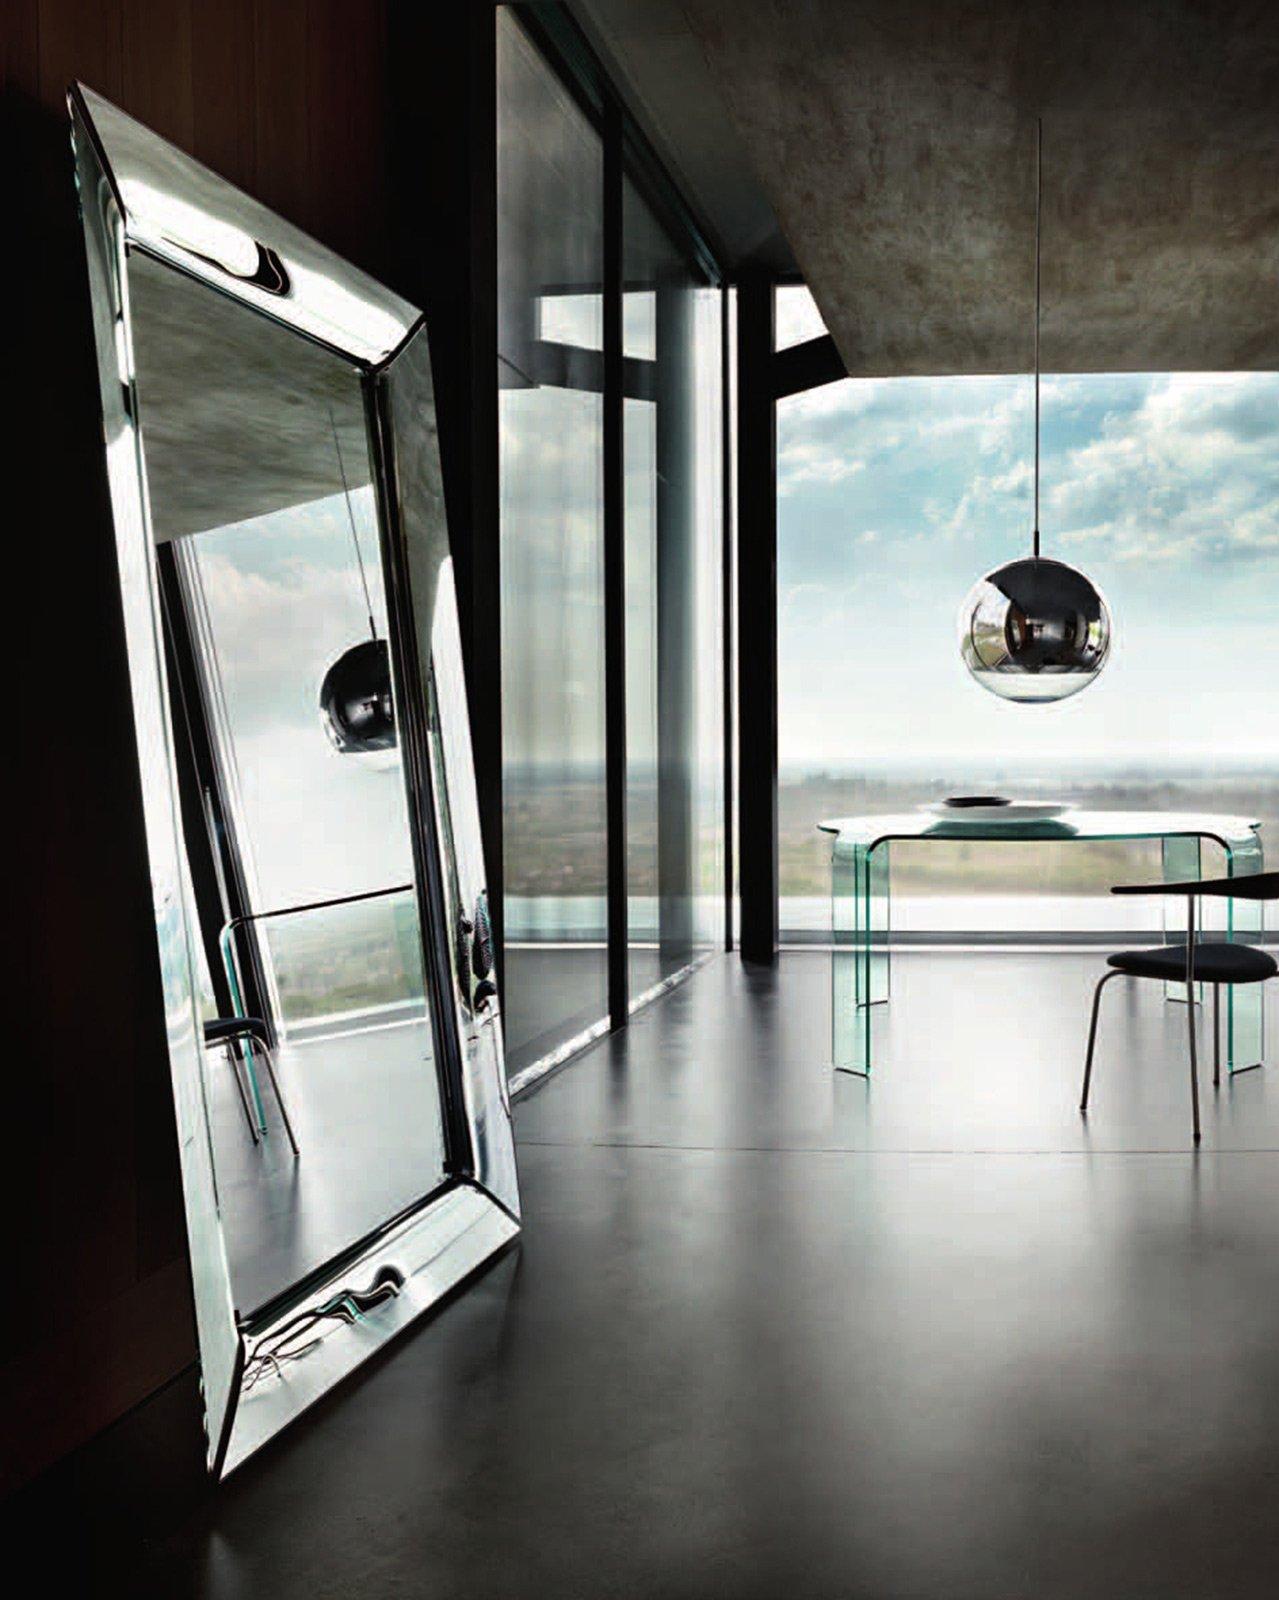 Specchi questione di riflessi cose di casa for Specchio girevole da terra